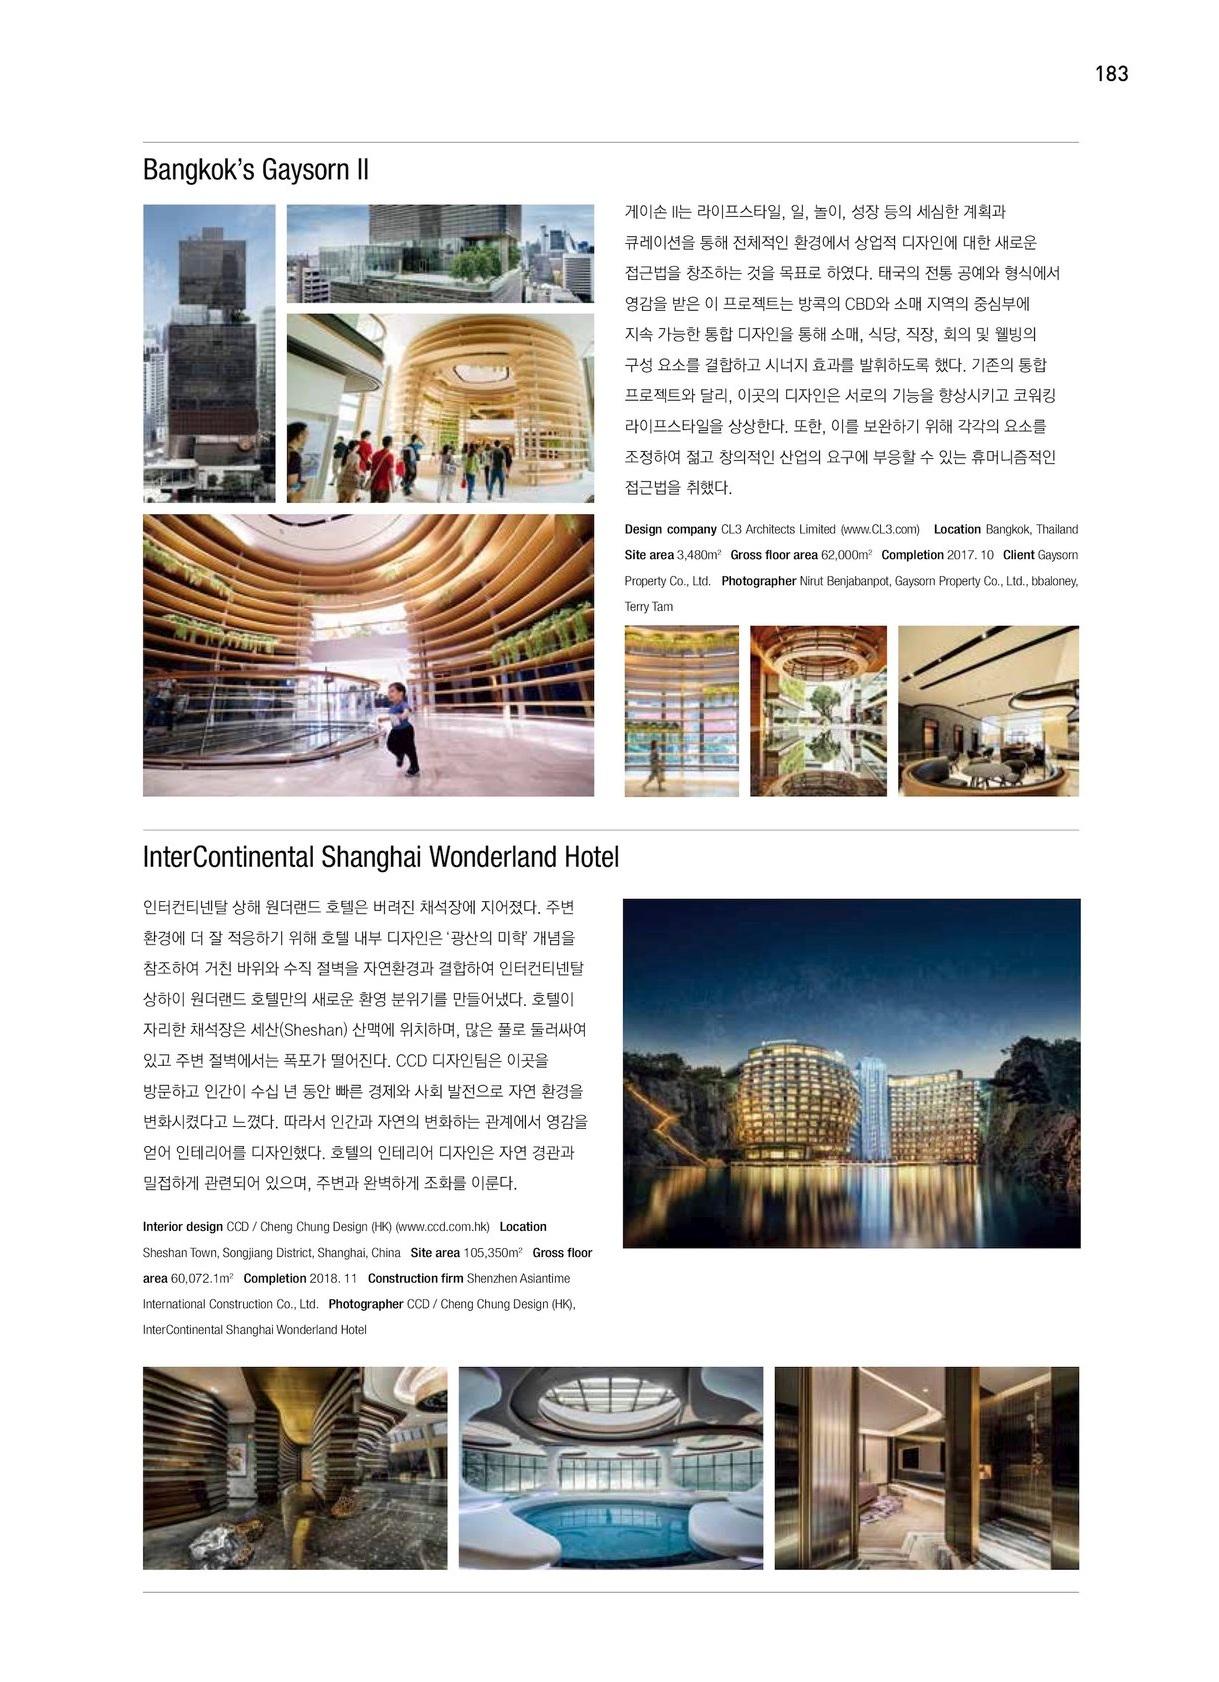 201908 韩国Architecture & Culture Gaysorn II-2-3.jpg